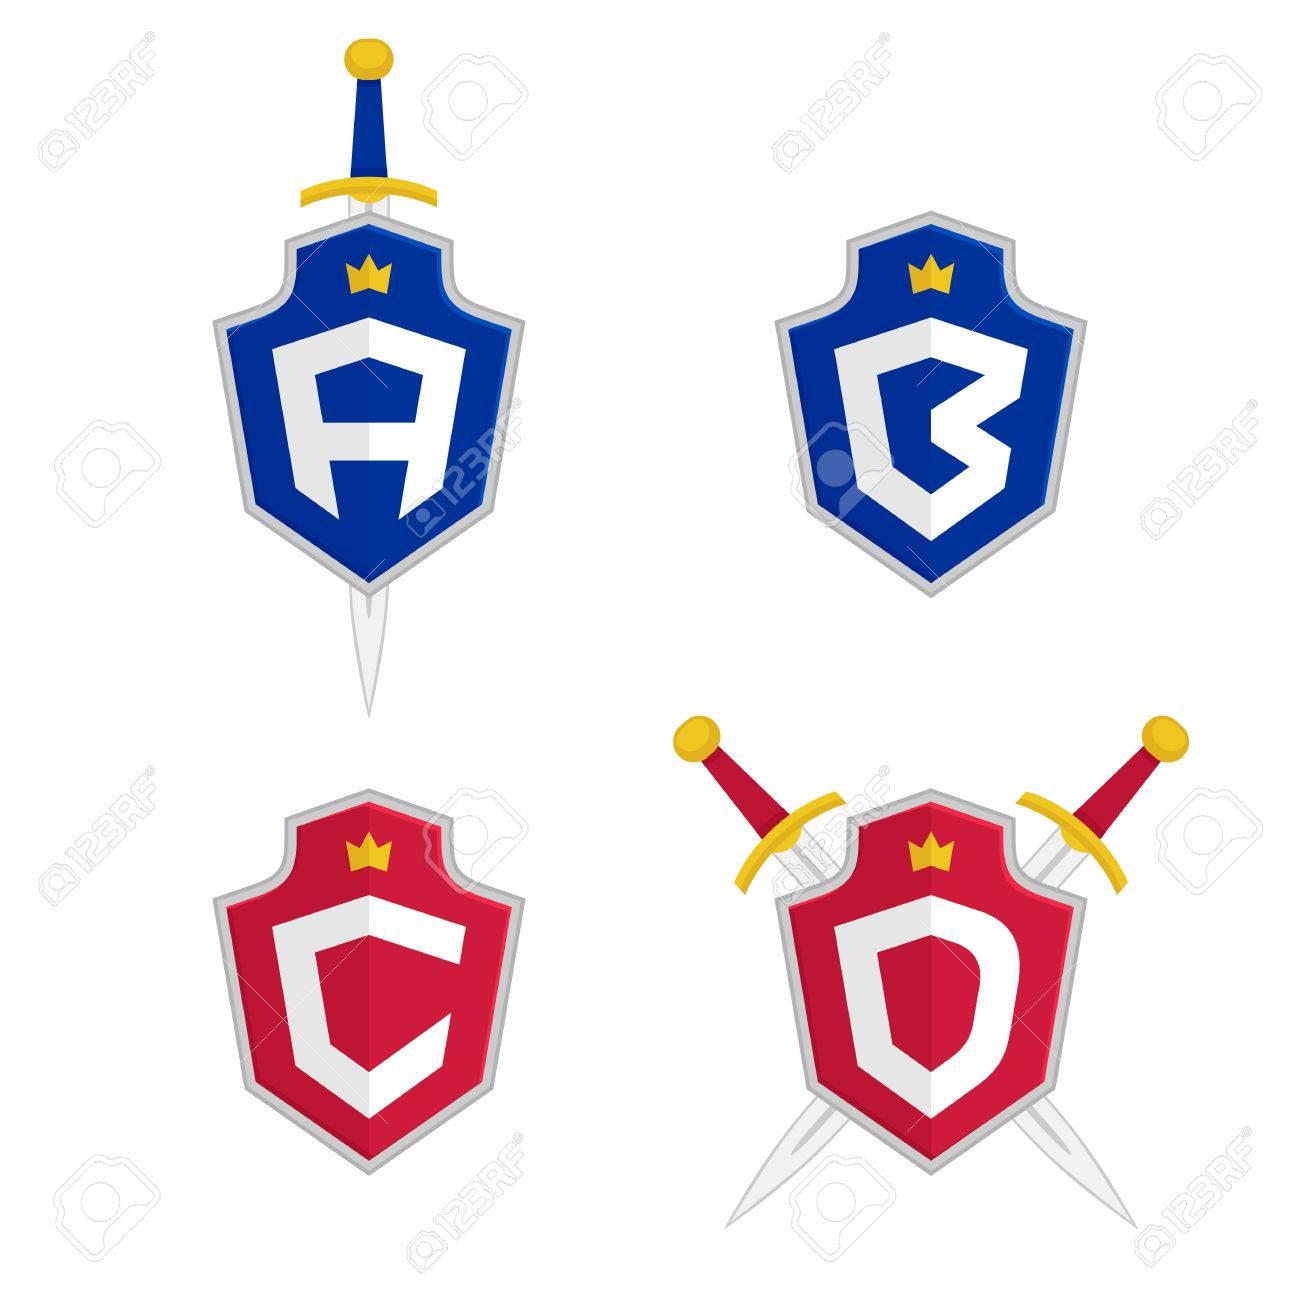 Letter a b c d vector logo templates letter logo with shield letter a b c d vector logo templates letter logo with shield spiritdancerdesigns Gallery